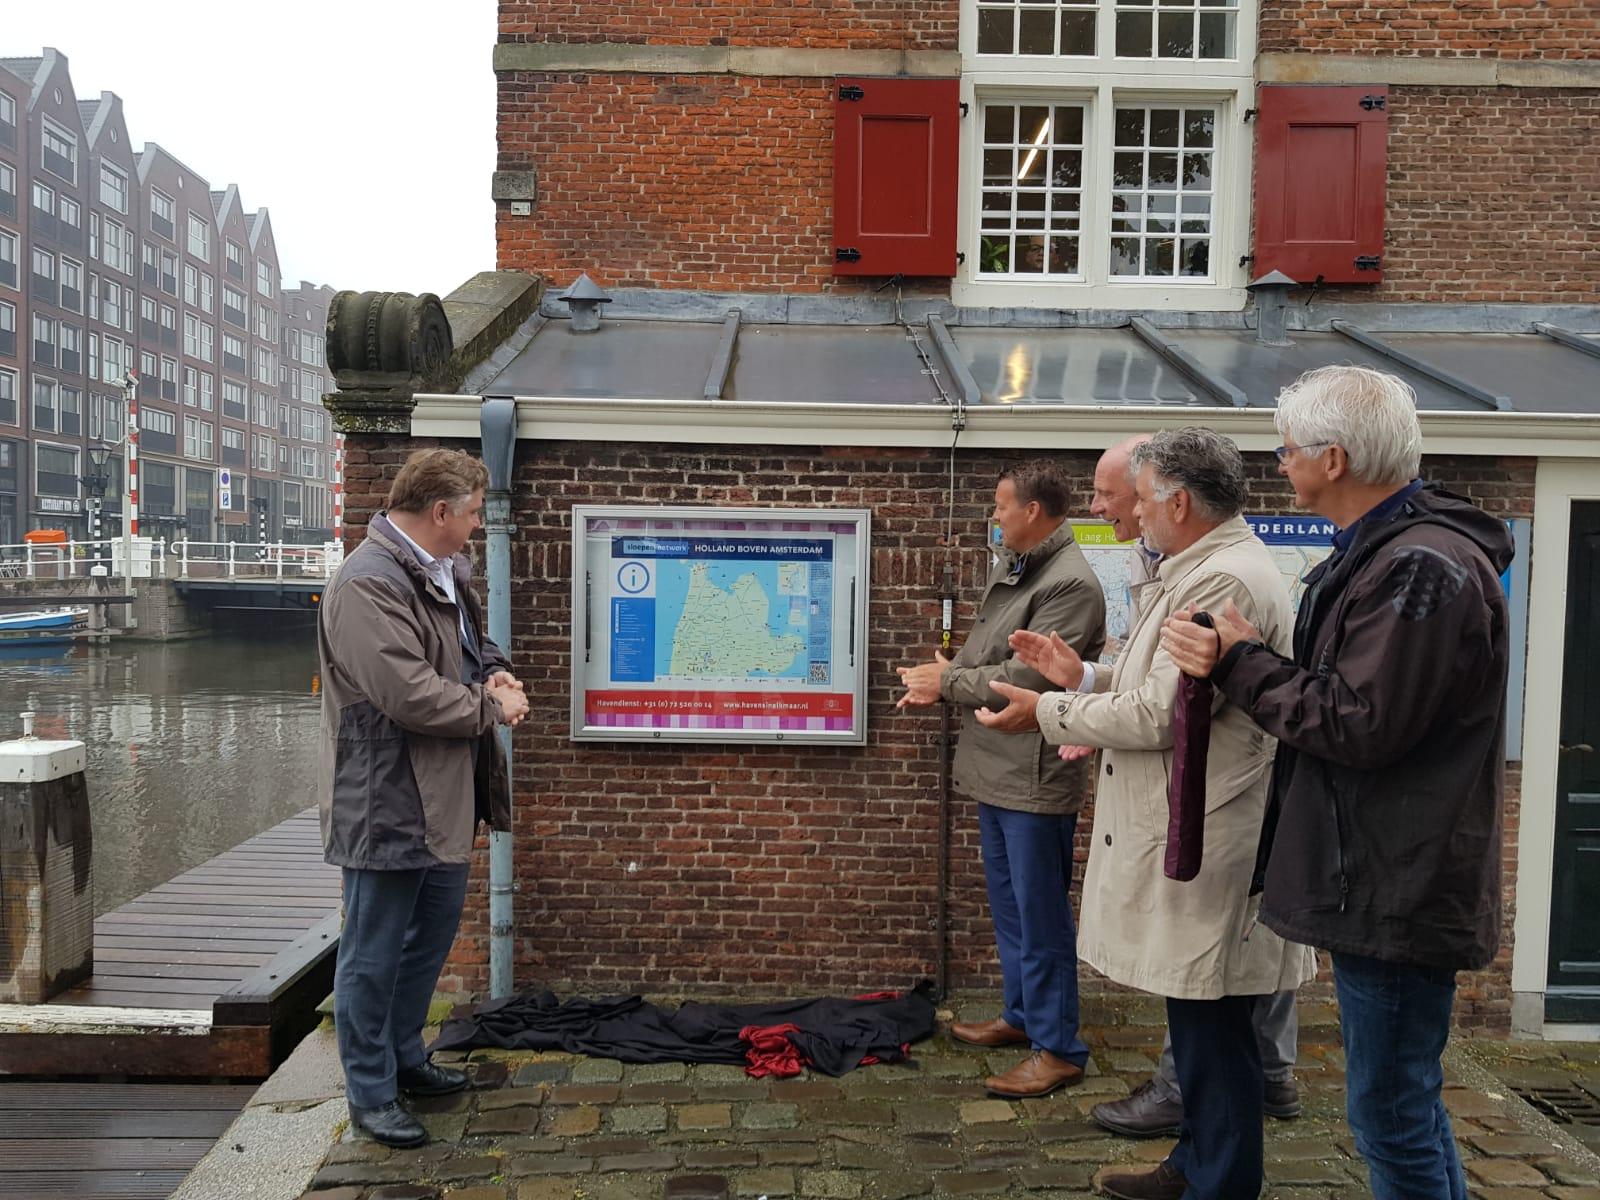 Opening van het Sloepennetwerk door gedeputeerde Cees Loggen. (Foto: aangeleverd)